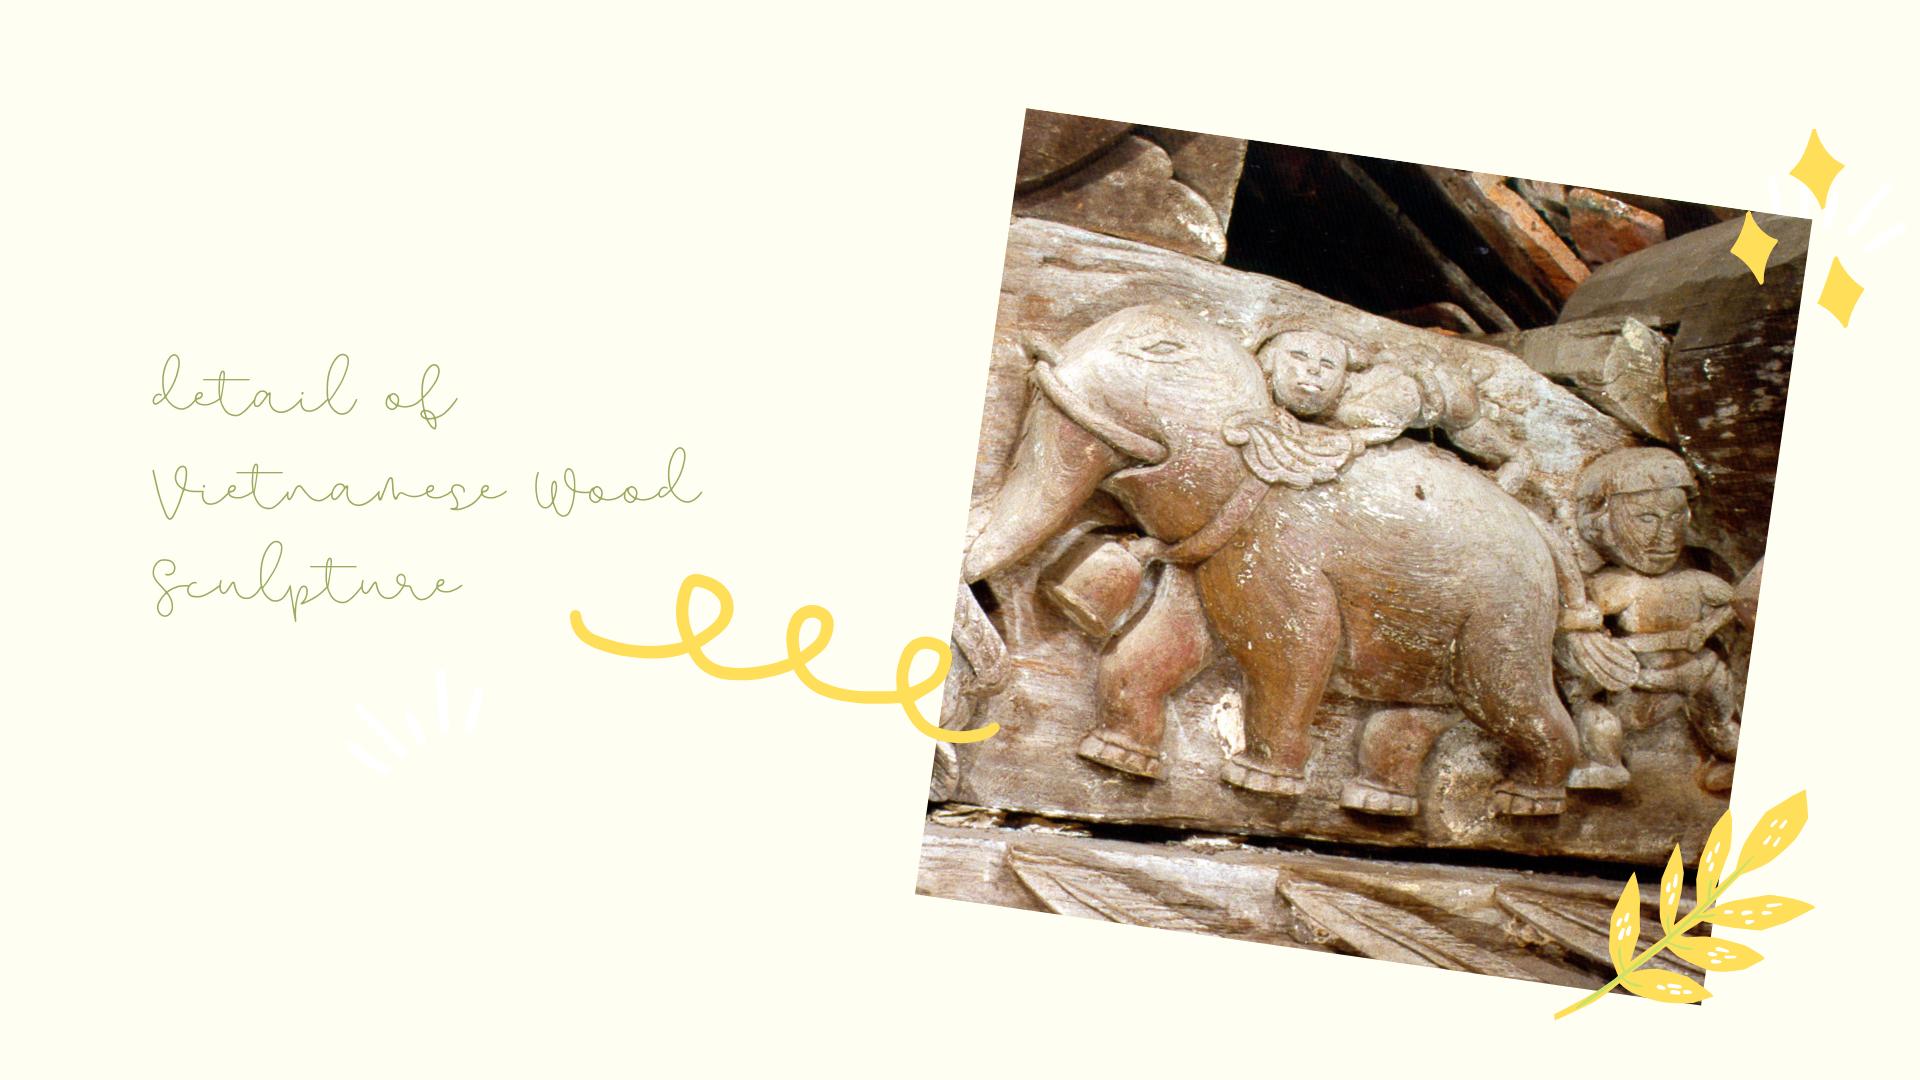 A detail of Vietnamese Wood Sculpture Artwork